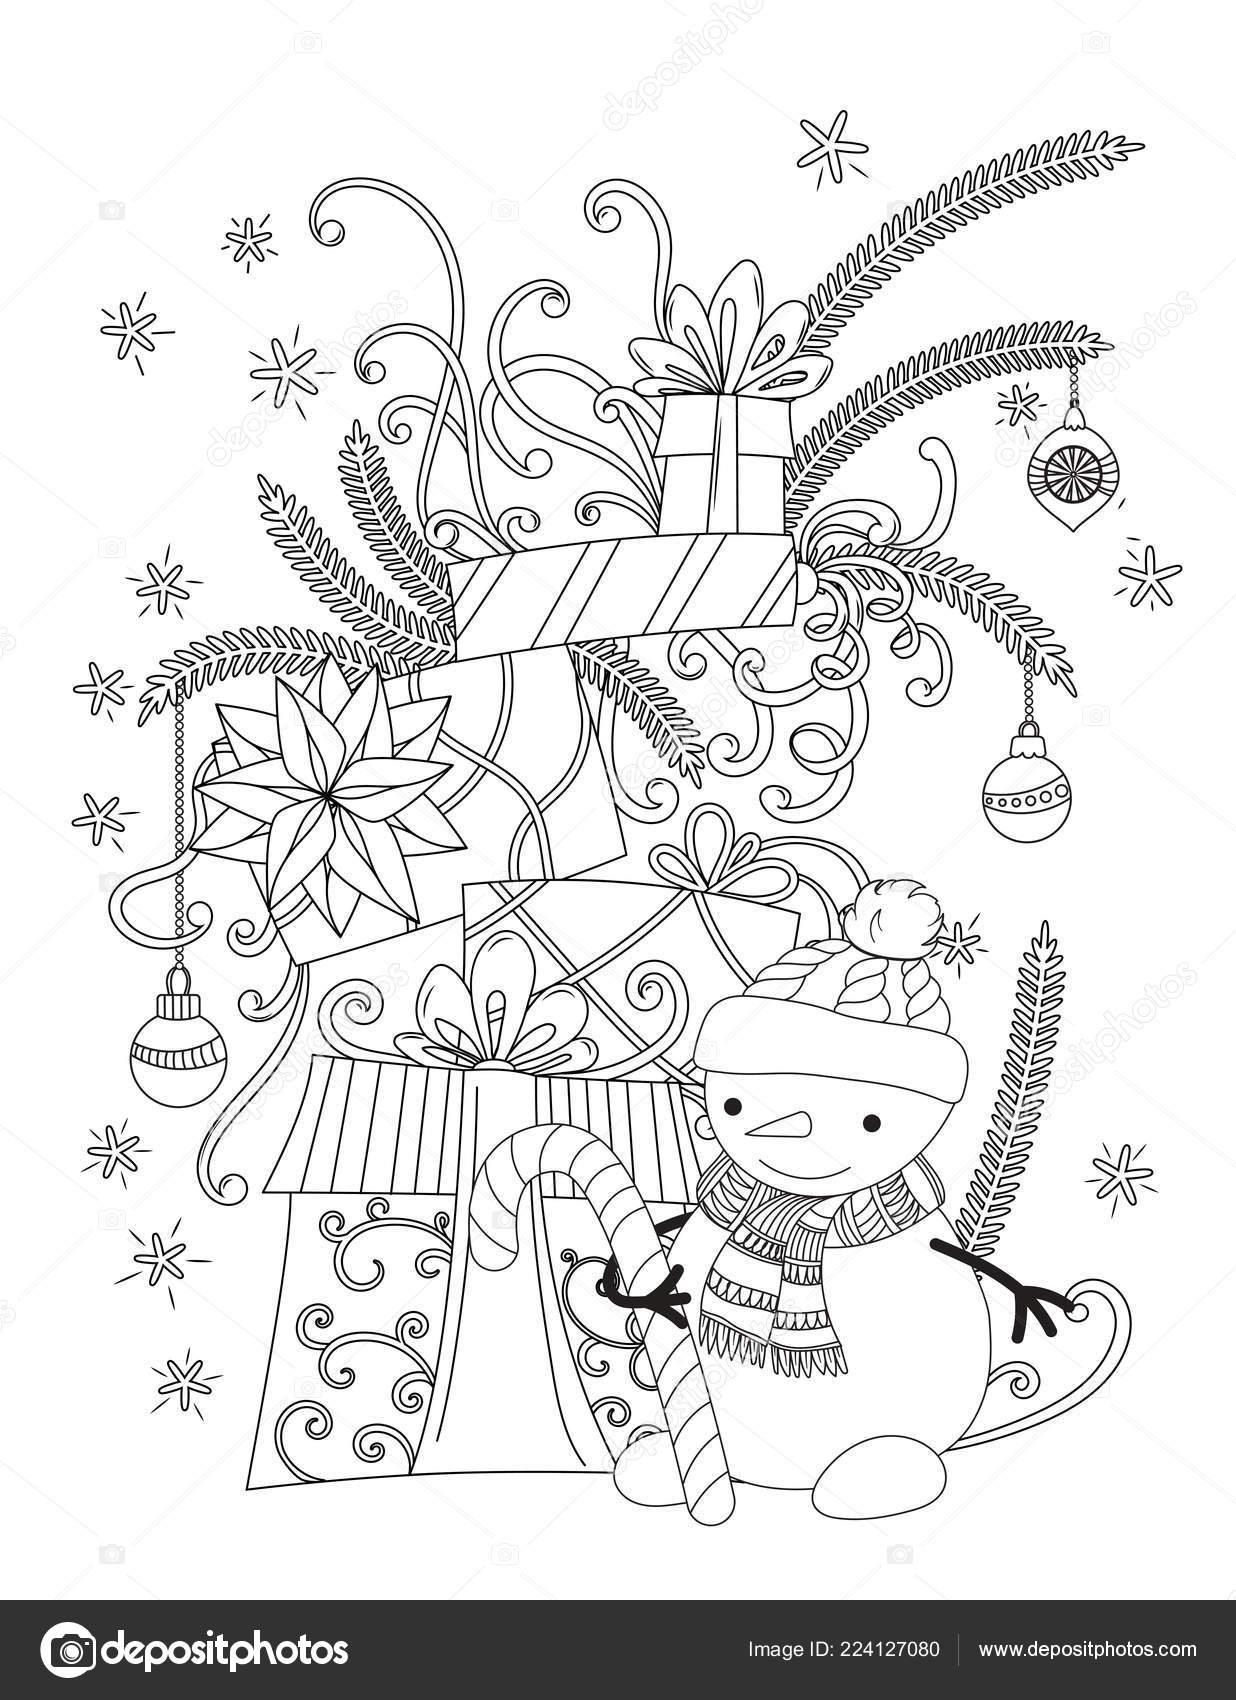 kerstmis kleurplaat stockvector 169 elinorka 224127080